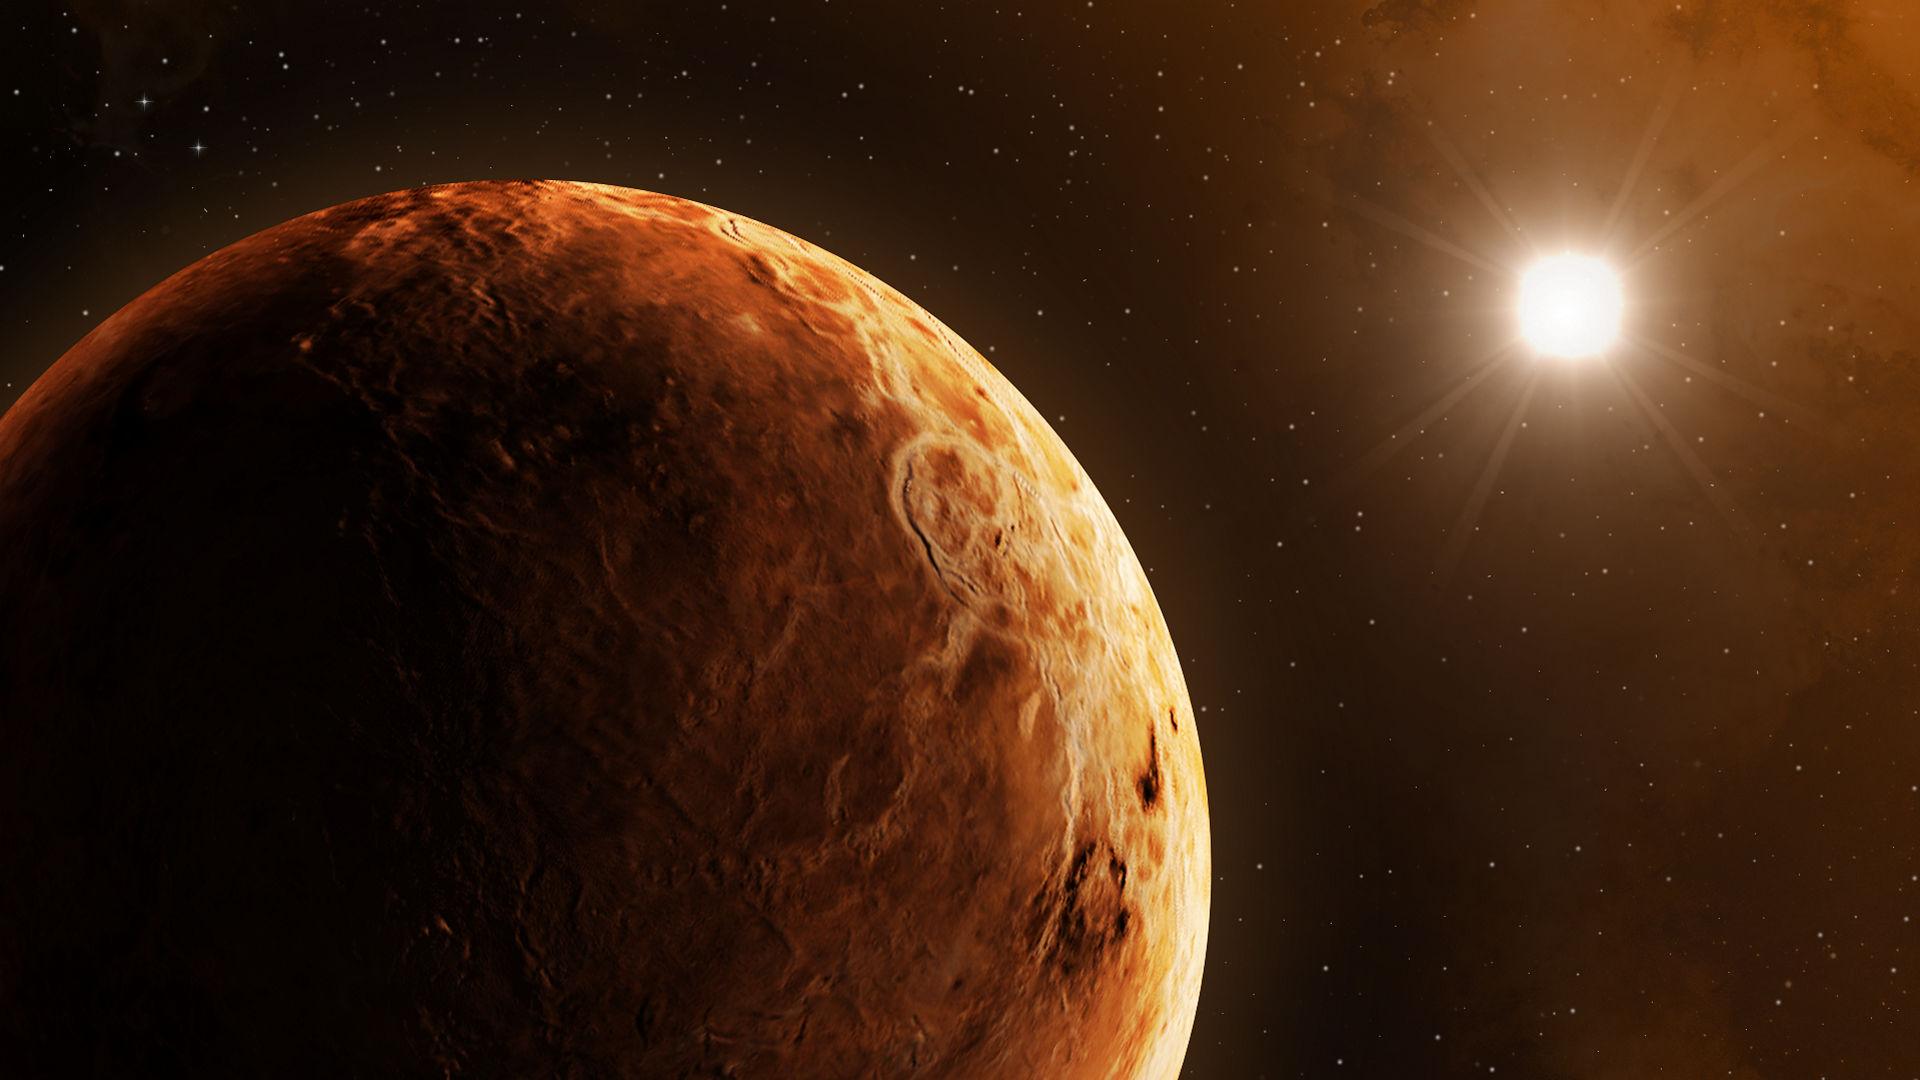 素晴らしい金星を発見